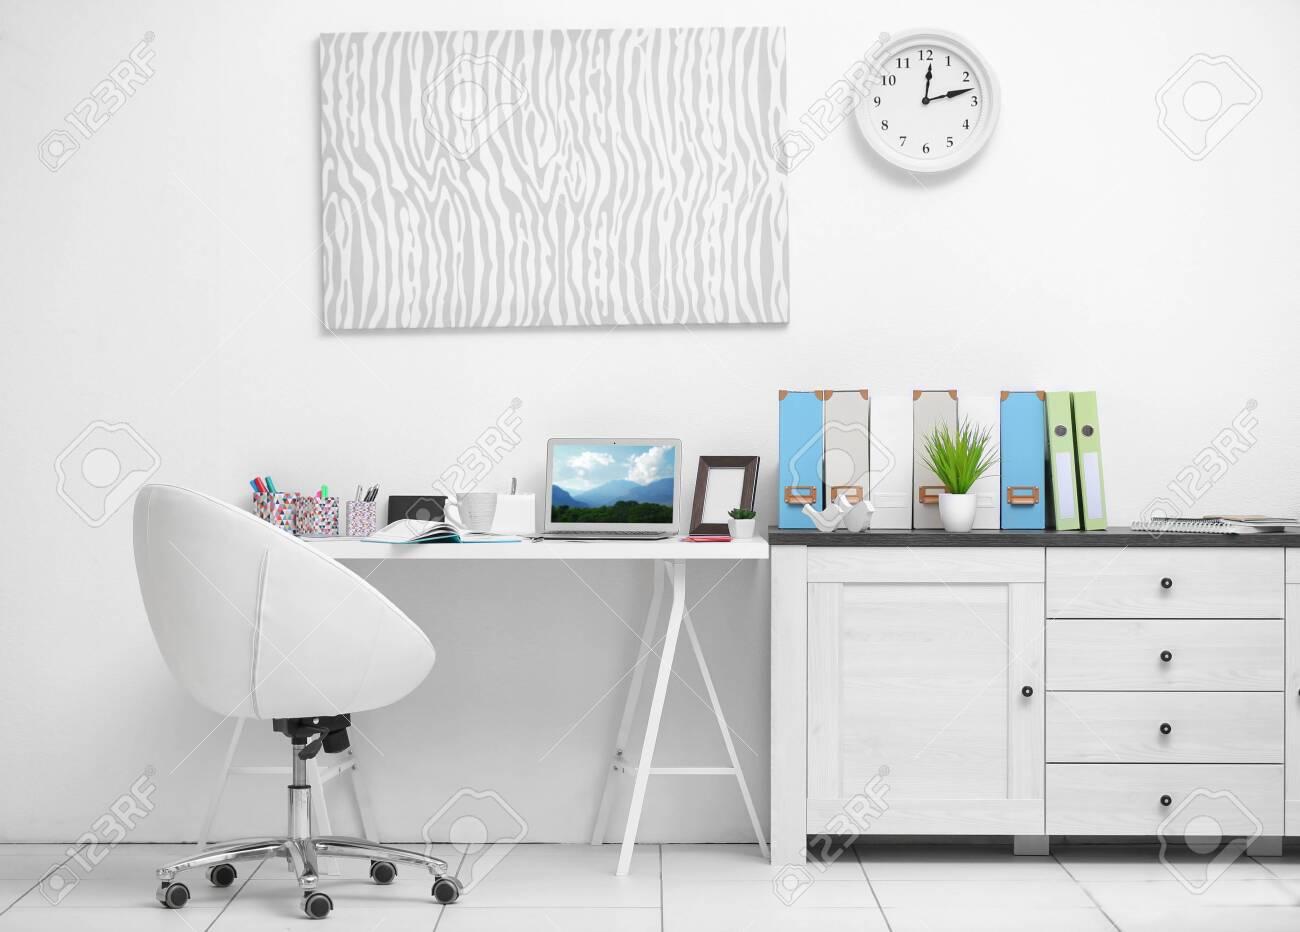 Stilvoller Heller Arbeitsplatz Im Buro Lizenzfreie Fotos Bilder Und Stock Fotografie Image 95683742